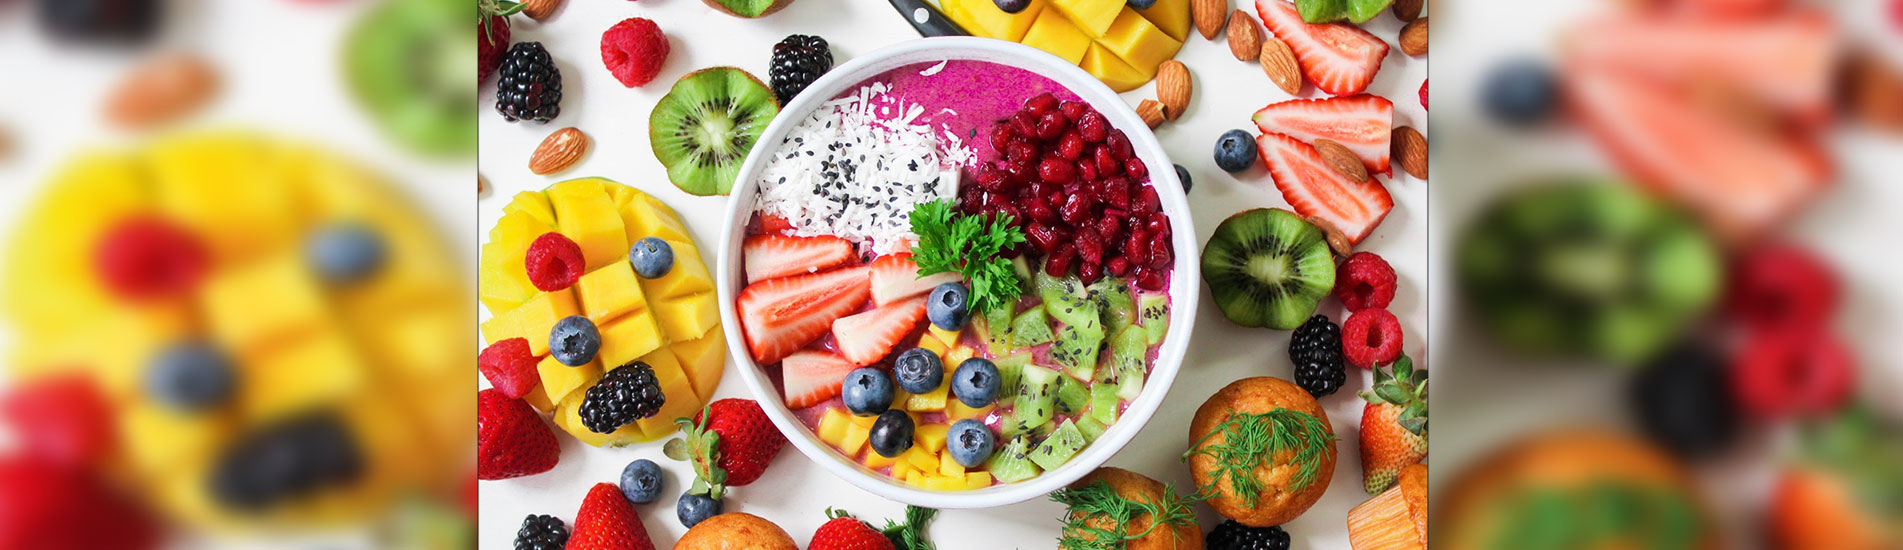 Καρκίνος παχέος εντέρου: Μπορώ να τον προλάβω μέσω της διατροφής;